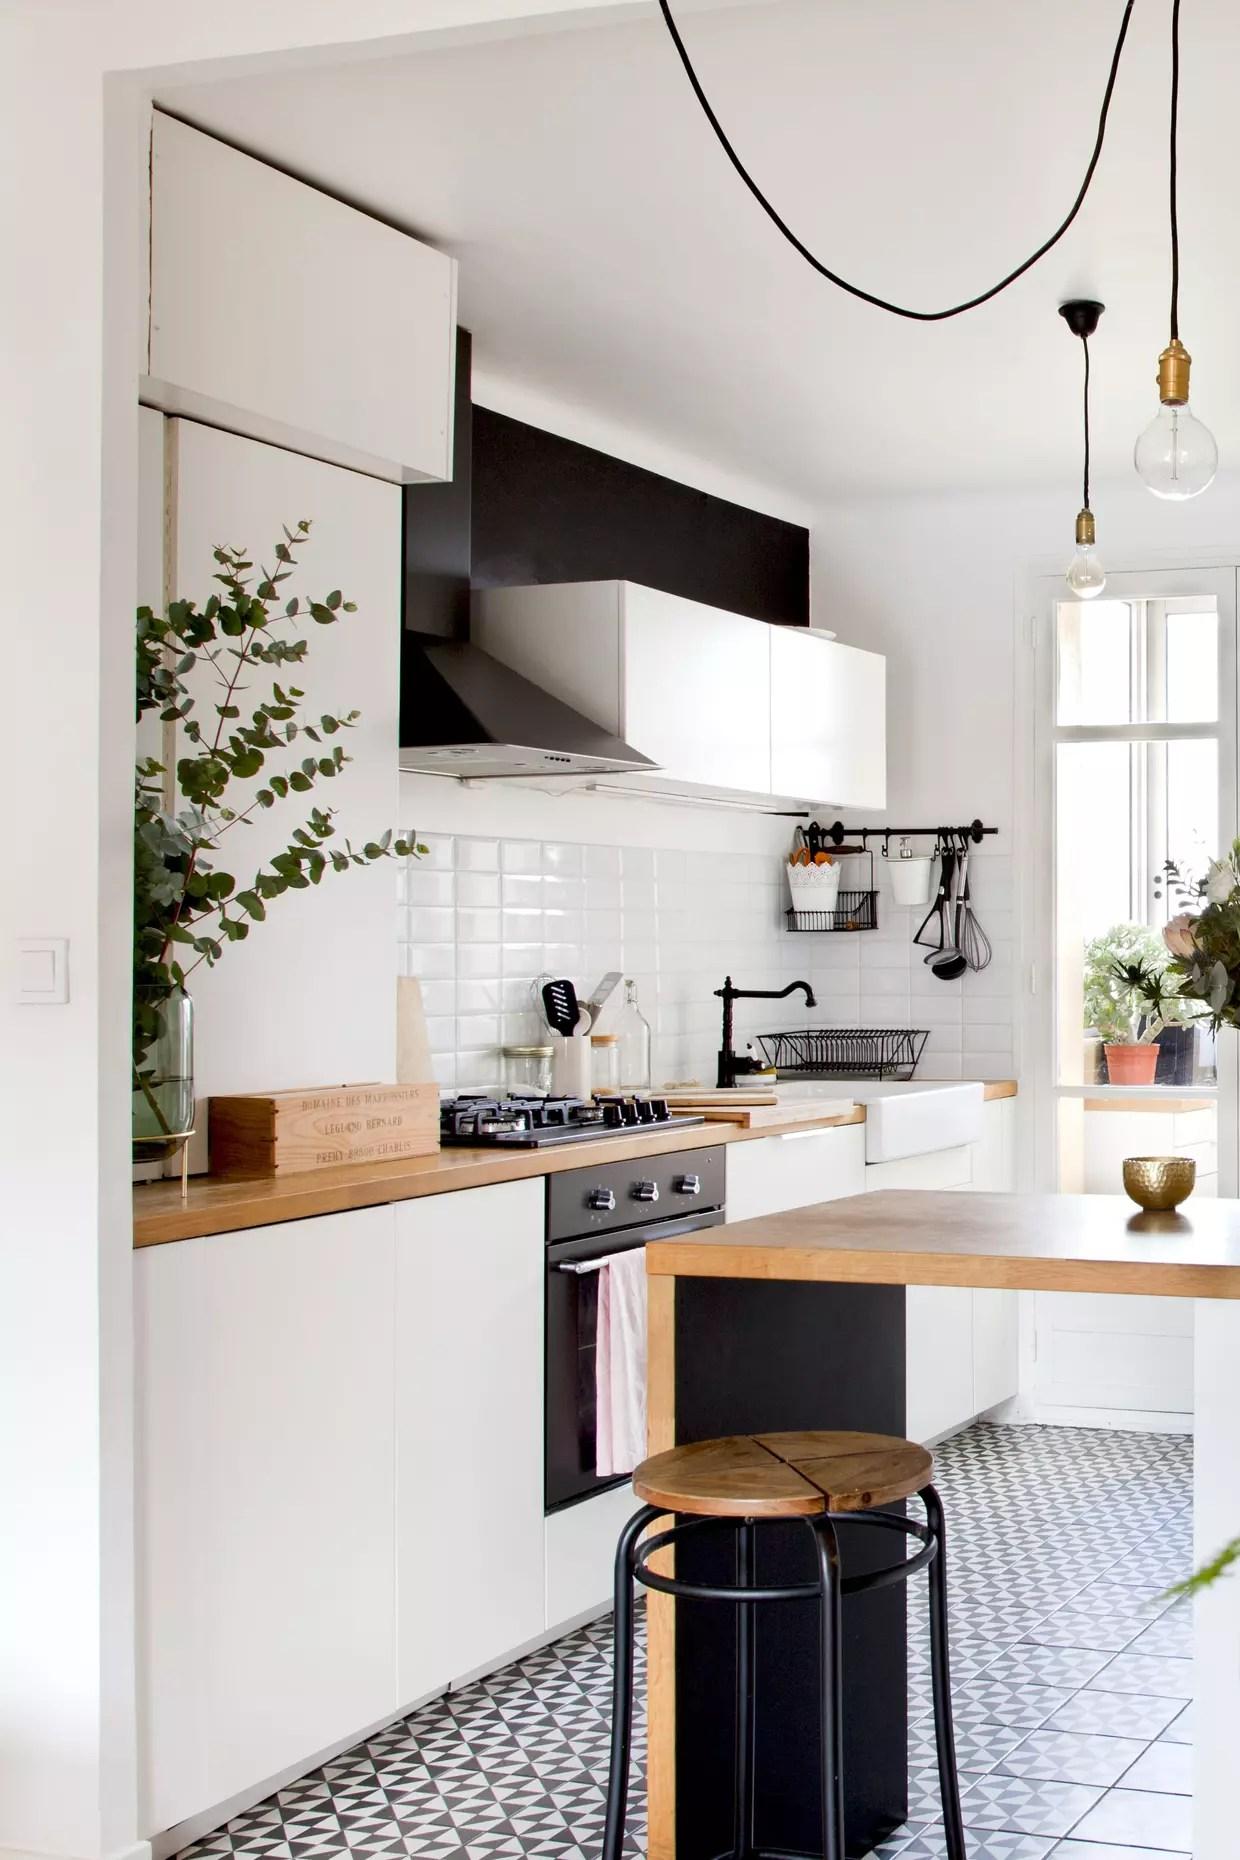 blanc dans la cuisine noire et blanche